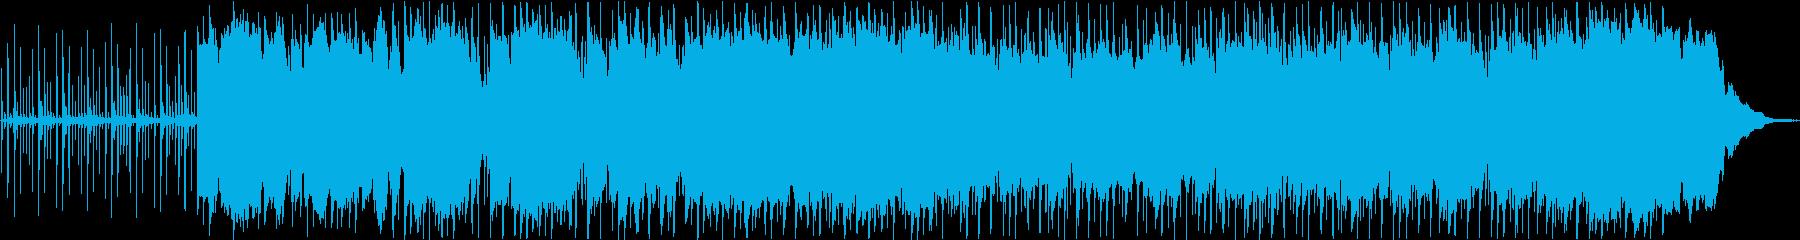 電子楽器。大気をテーマにした穏やか...の再生済みの波形